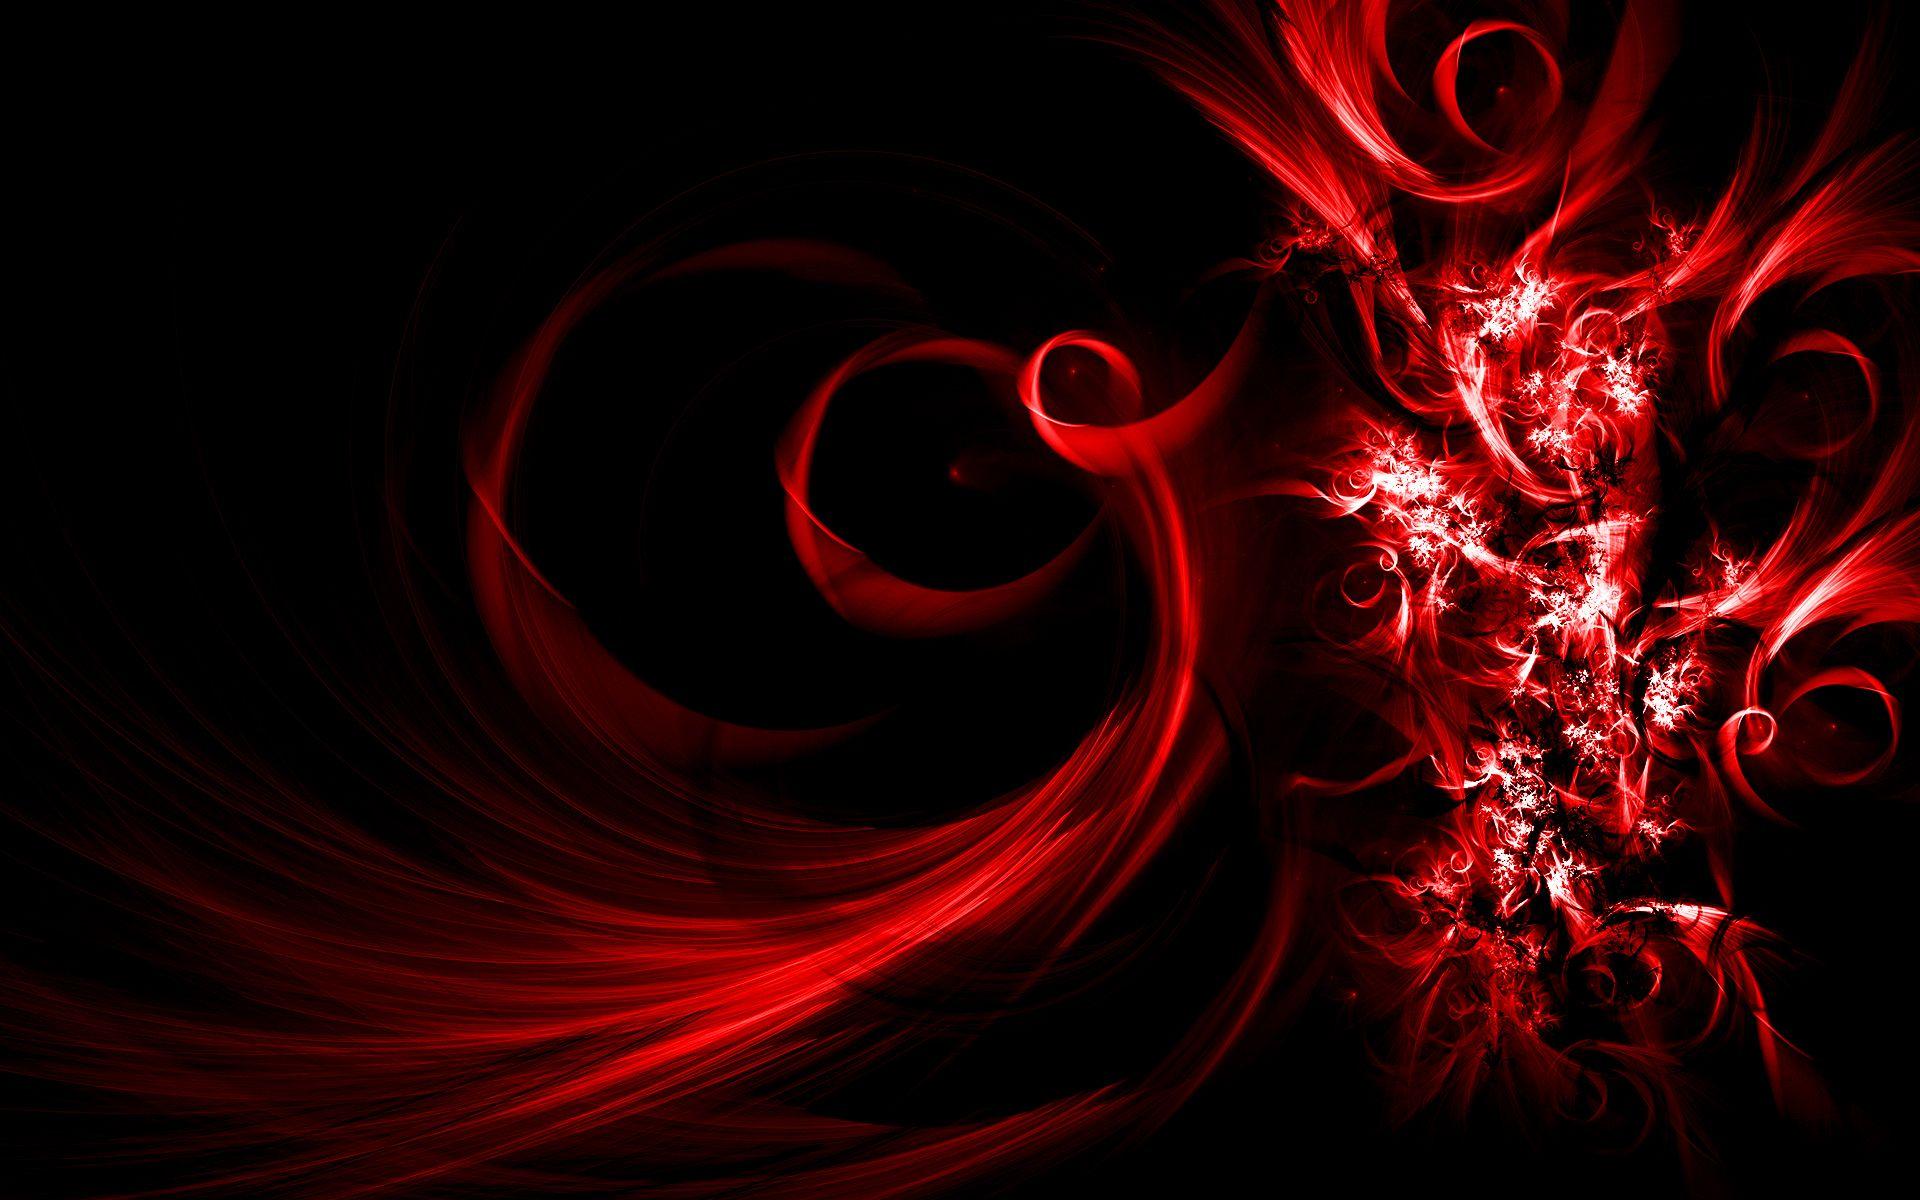 6eb173304961b Papel tapiz de fondo rojo abstracto Alta Definición 9 HD Wallpapers ...